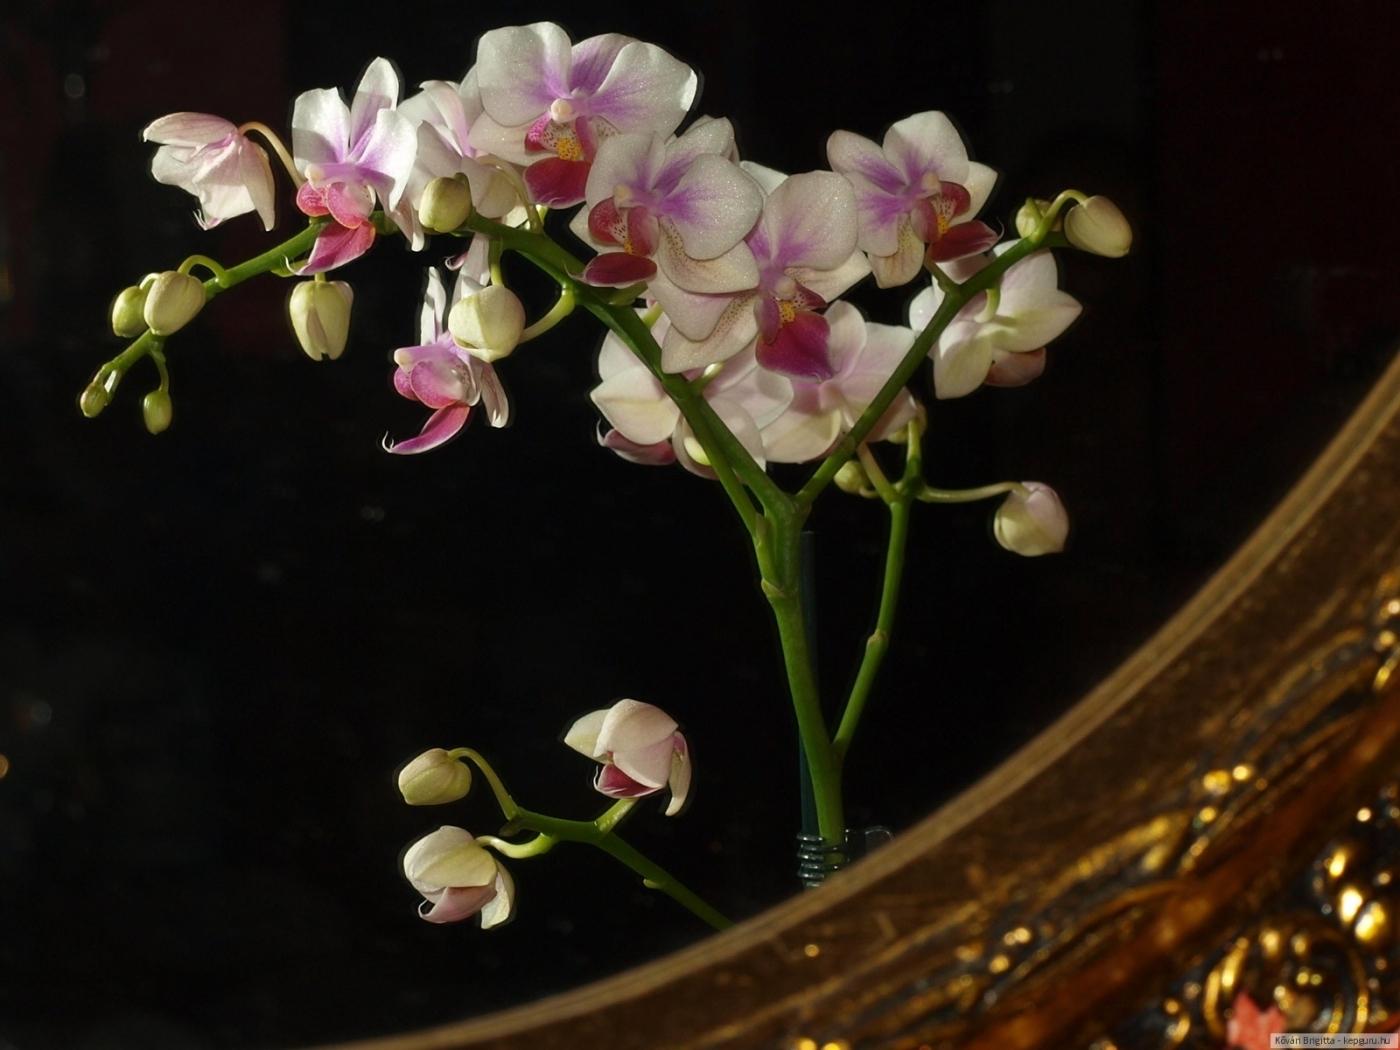 25610 скачать обои Растения, Цветы - заставки и картинки бесплатно